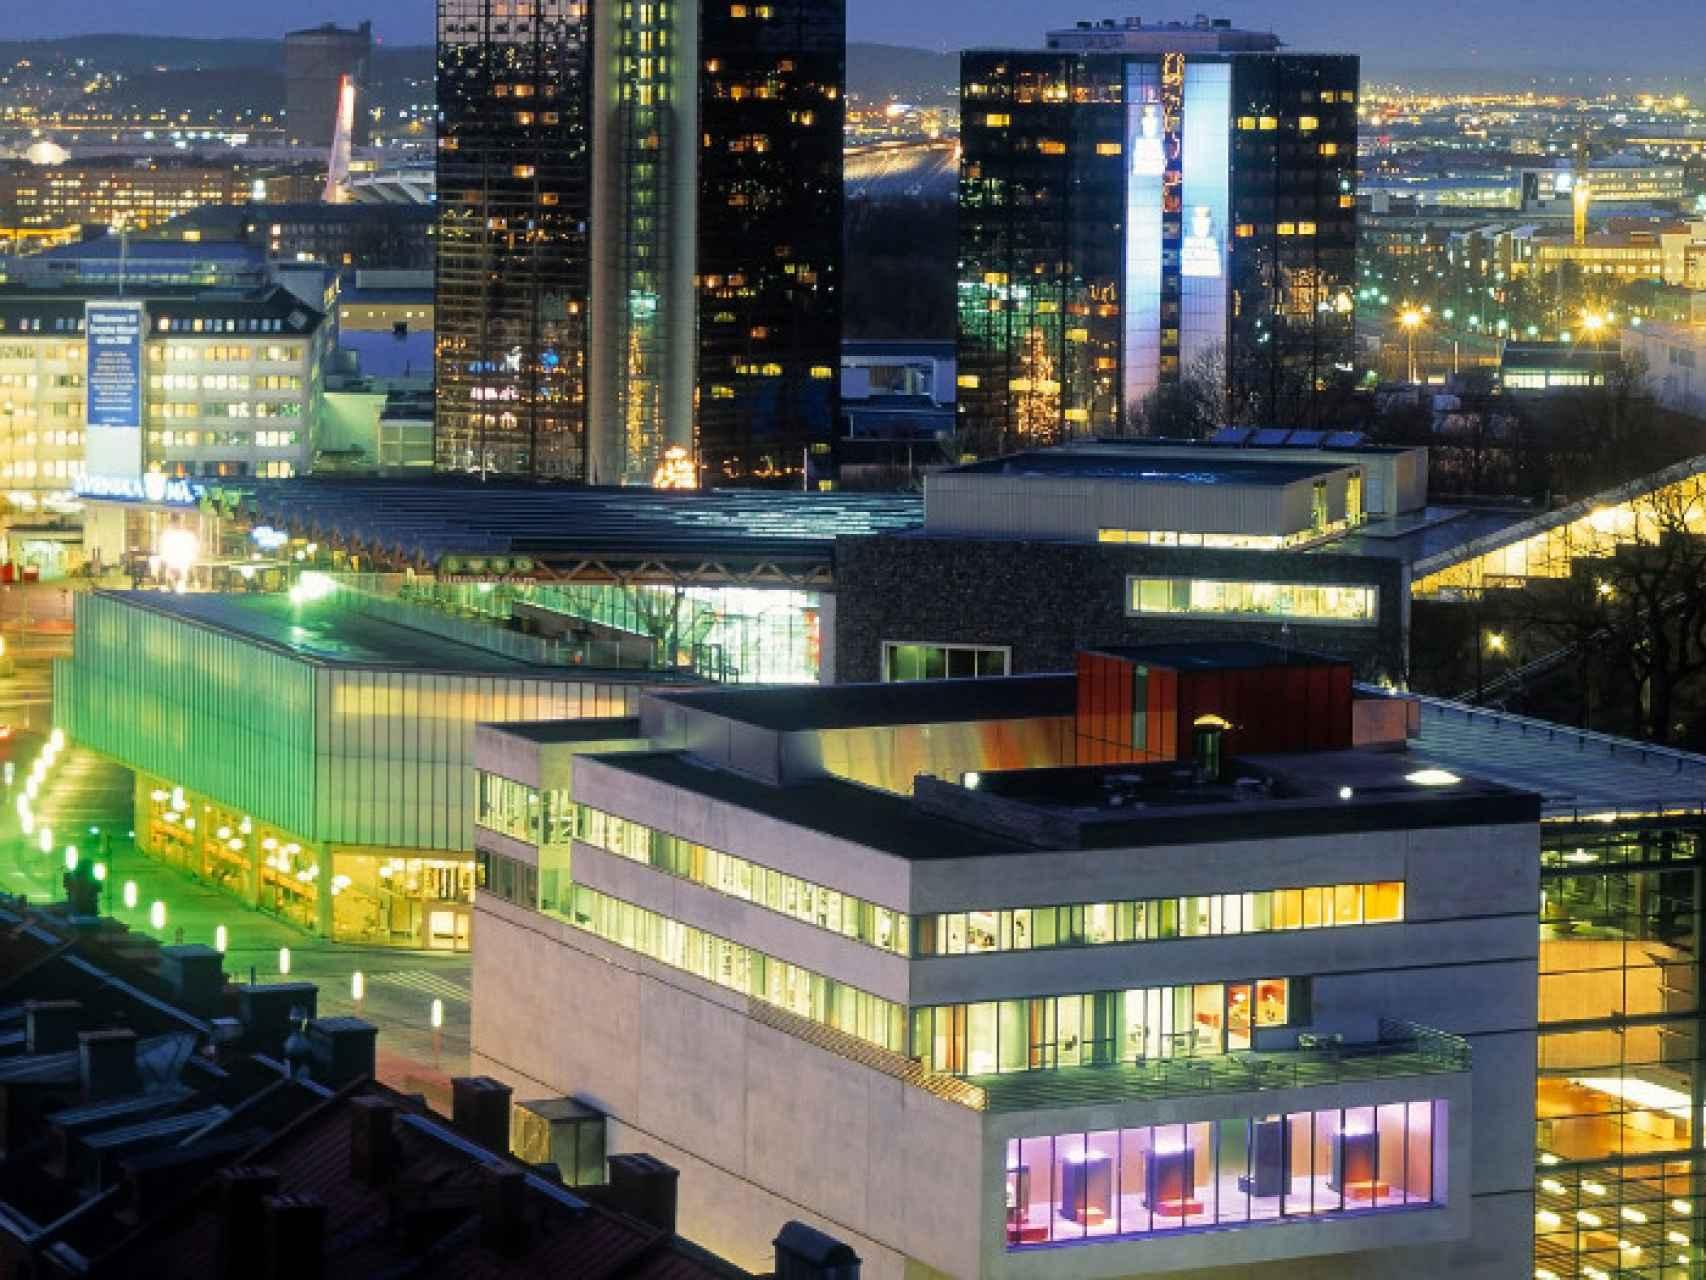 Vista de la ciudad de Gotemburgo.